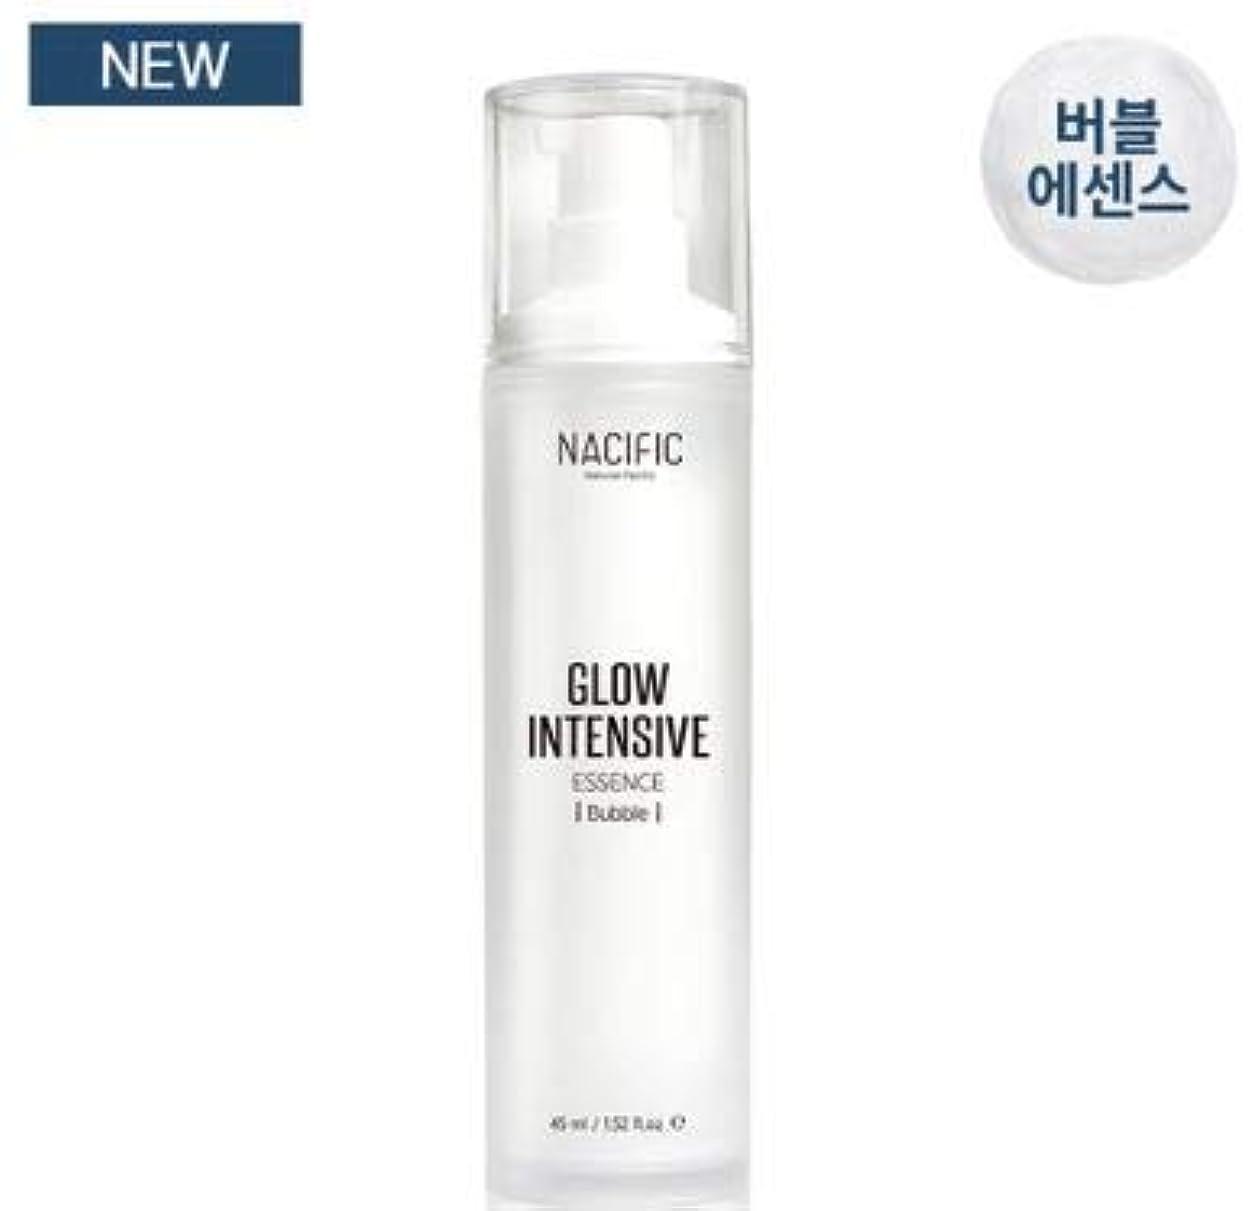 真鍮ピン慈悲深い[NACIFIC] Glow Intensive Bubble Essence 45ml/[ナシフィック]グローインテンシブバブルエッセンス45ml [並行輸入品]